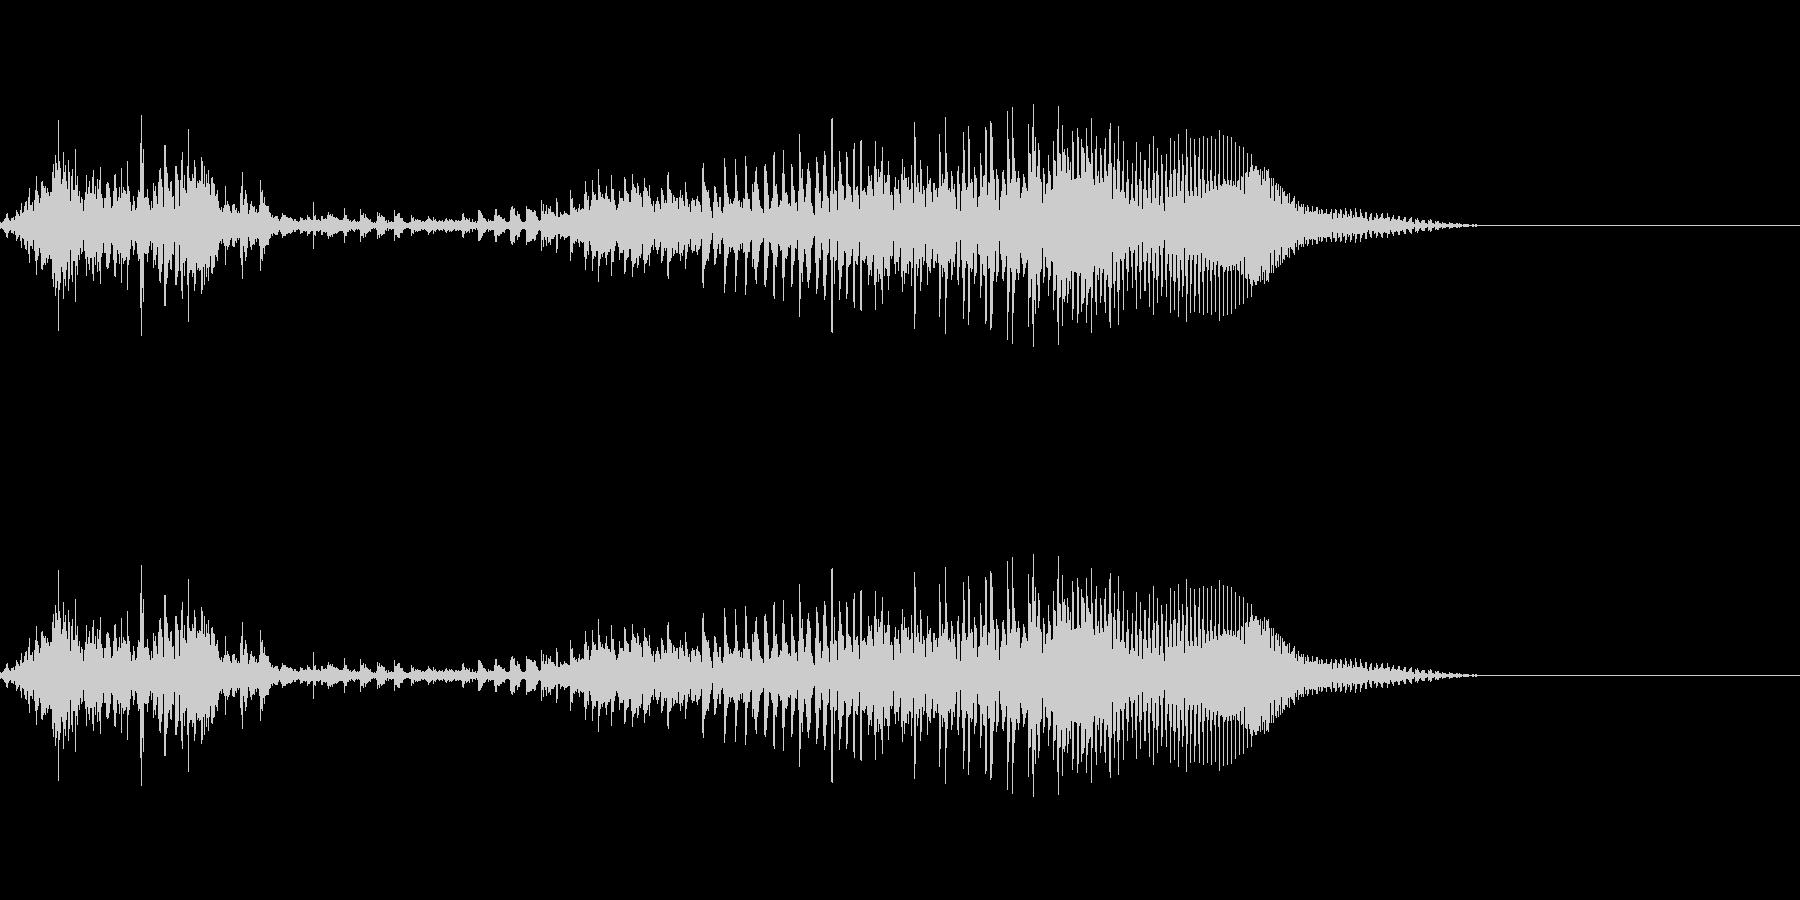 てぇい!3(勢いあり)の未再生の波形